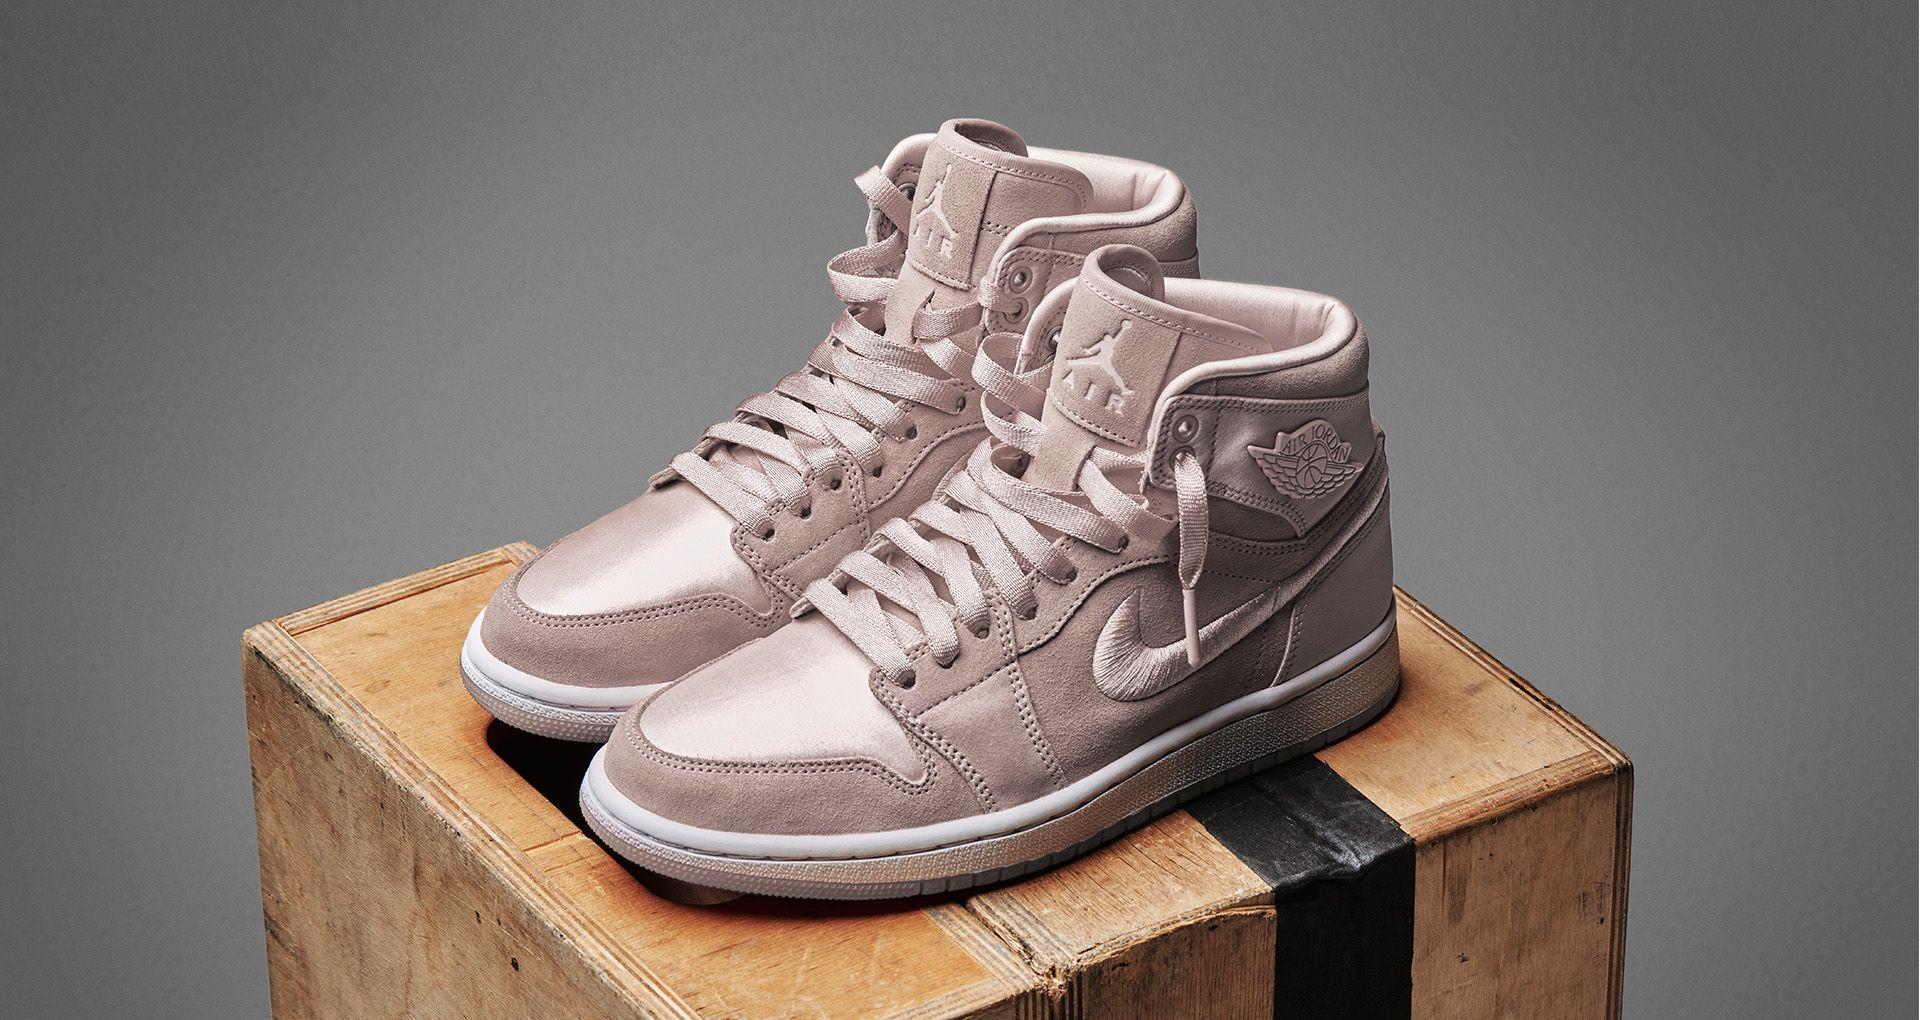 online store d6ceb 5f545 Women's Air Jordan 1 Retro High 'Red Silt' Release Date ...